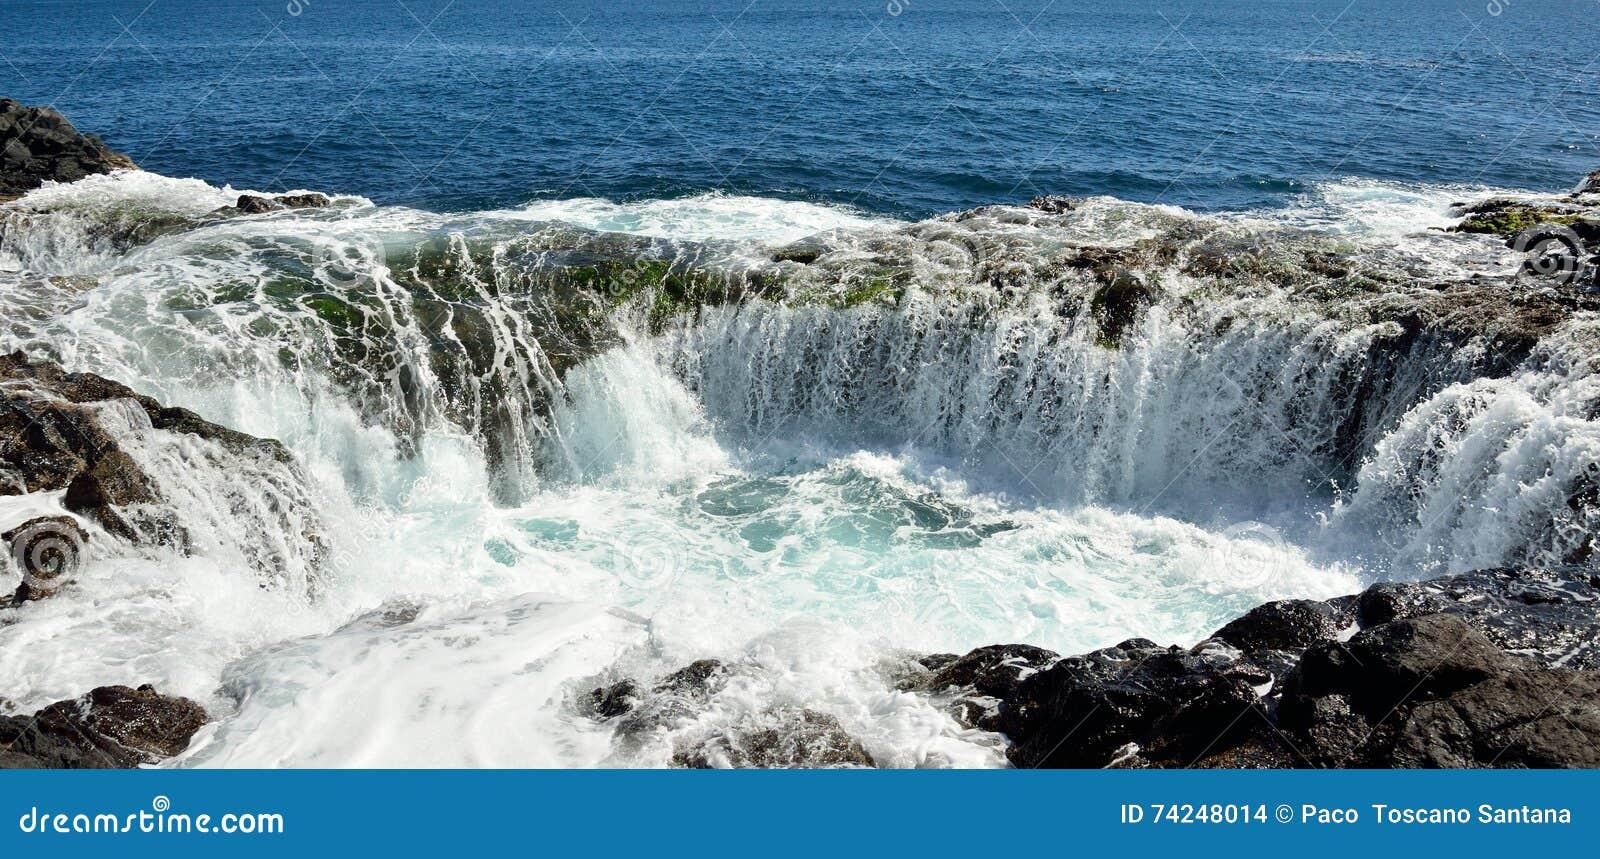 Cascada en la piscina natural, costa de Gran Canaria, islas Canarias